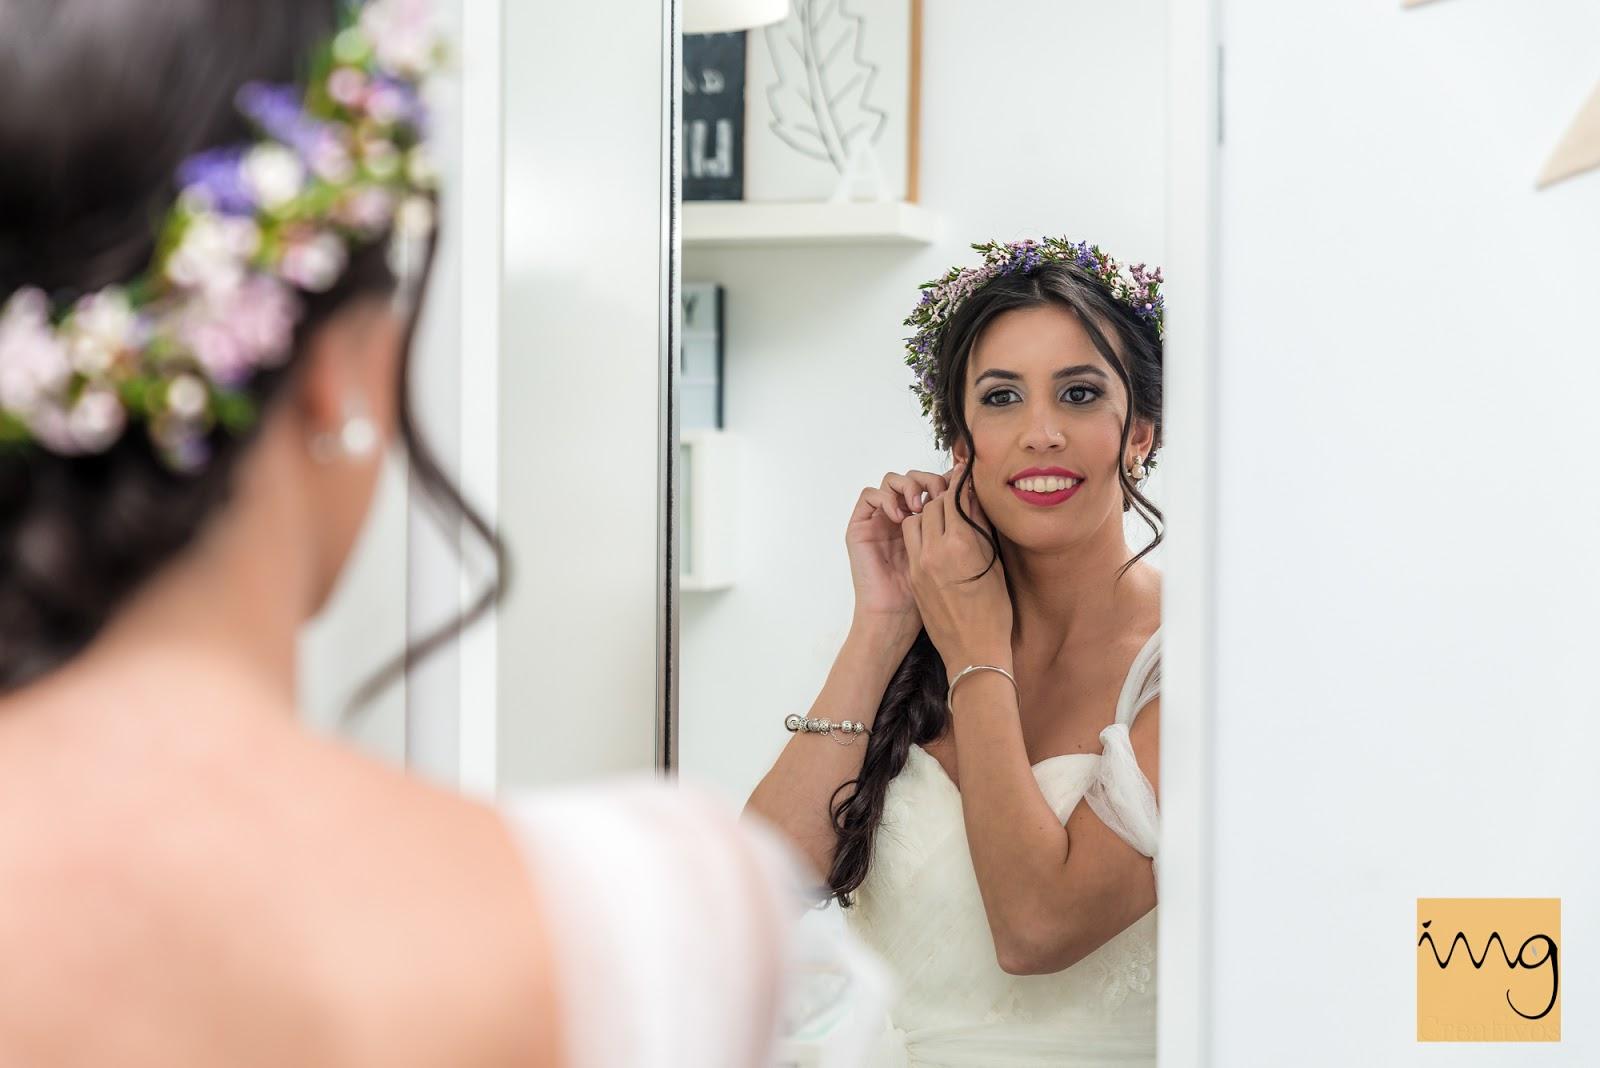 Retrato de boda en el espejo